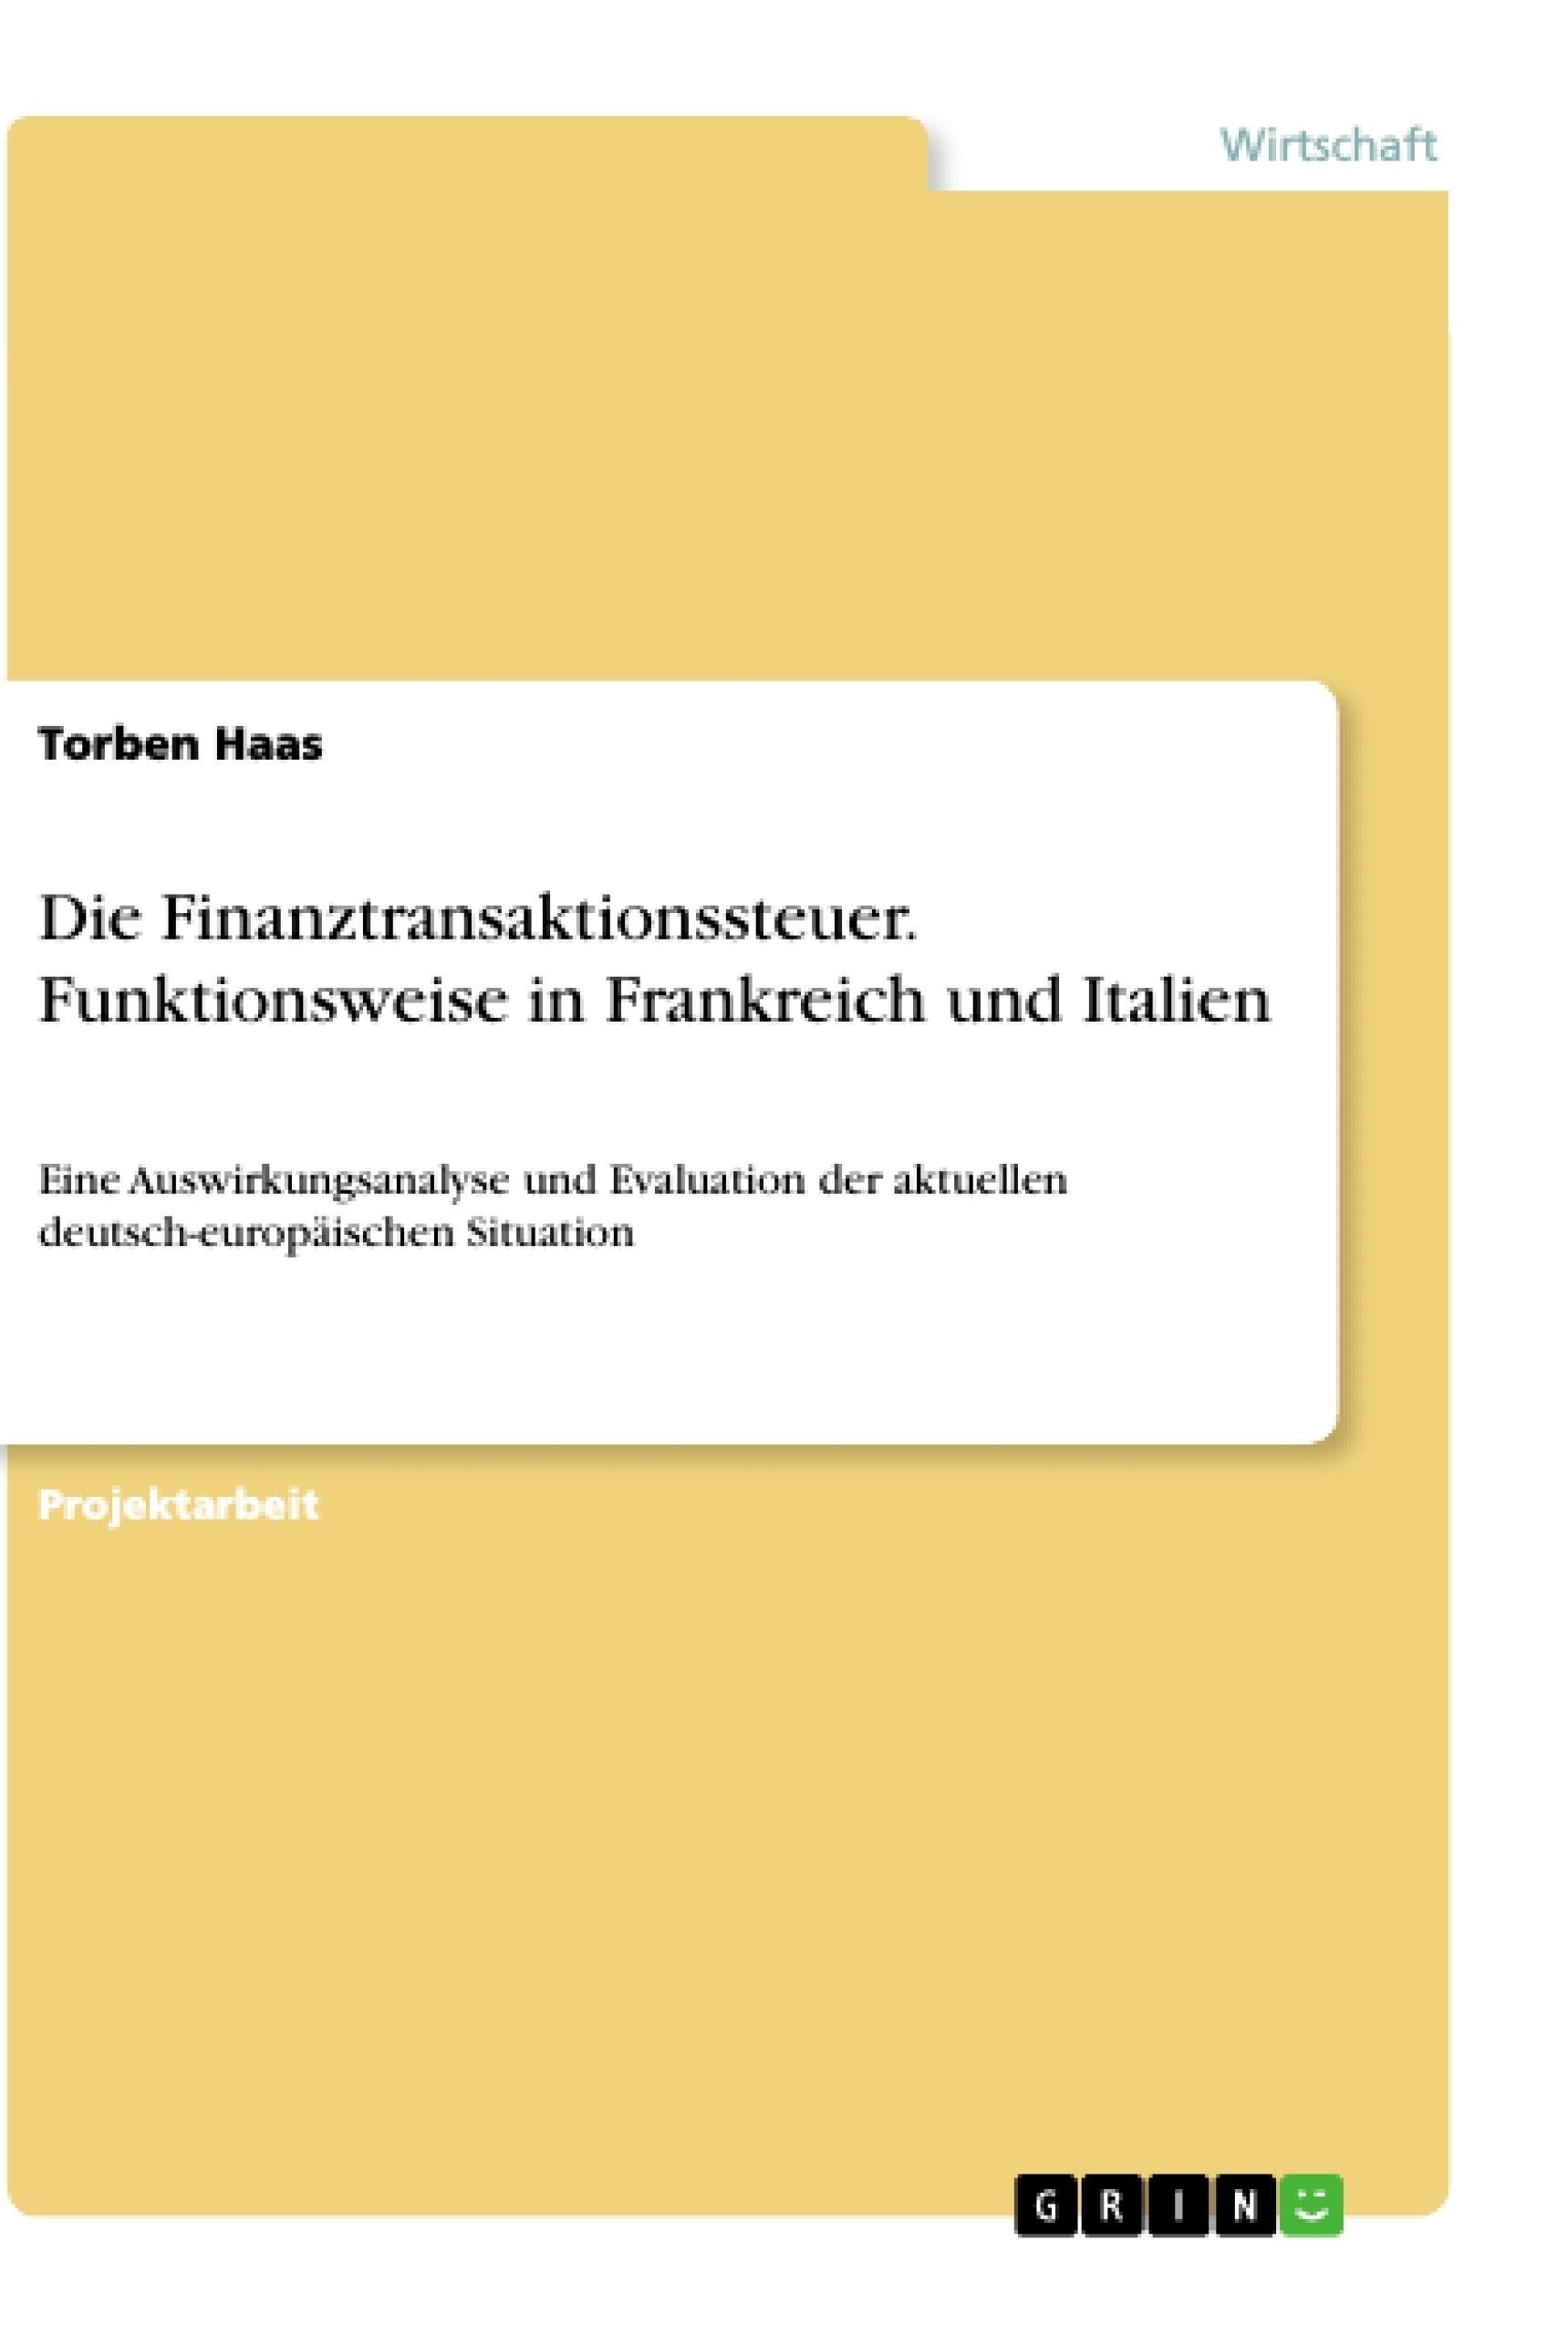 Titel: Die Finanztransaktionssteuer. Funktionsweise in Frankreich und Italien